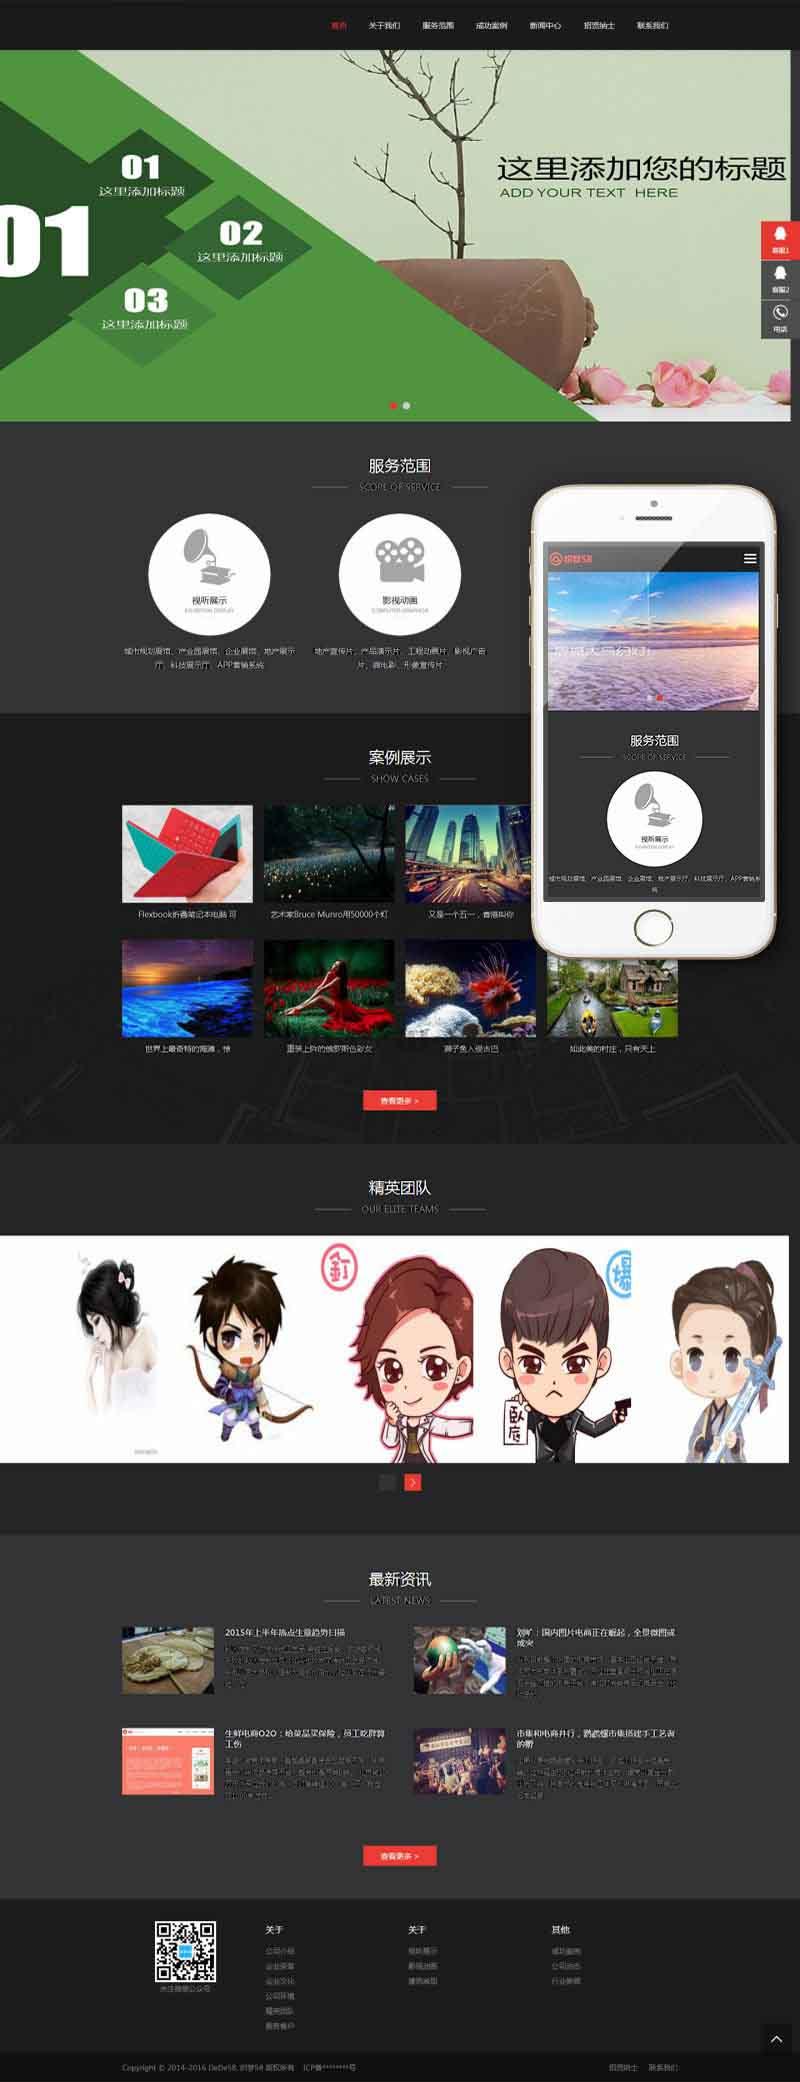 鹤云资源博客-影视动画,文化传媒网站,响应式,织梦模板(自适应设备)插图1